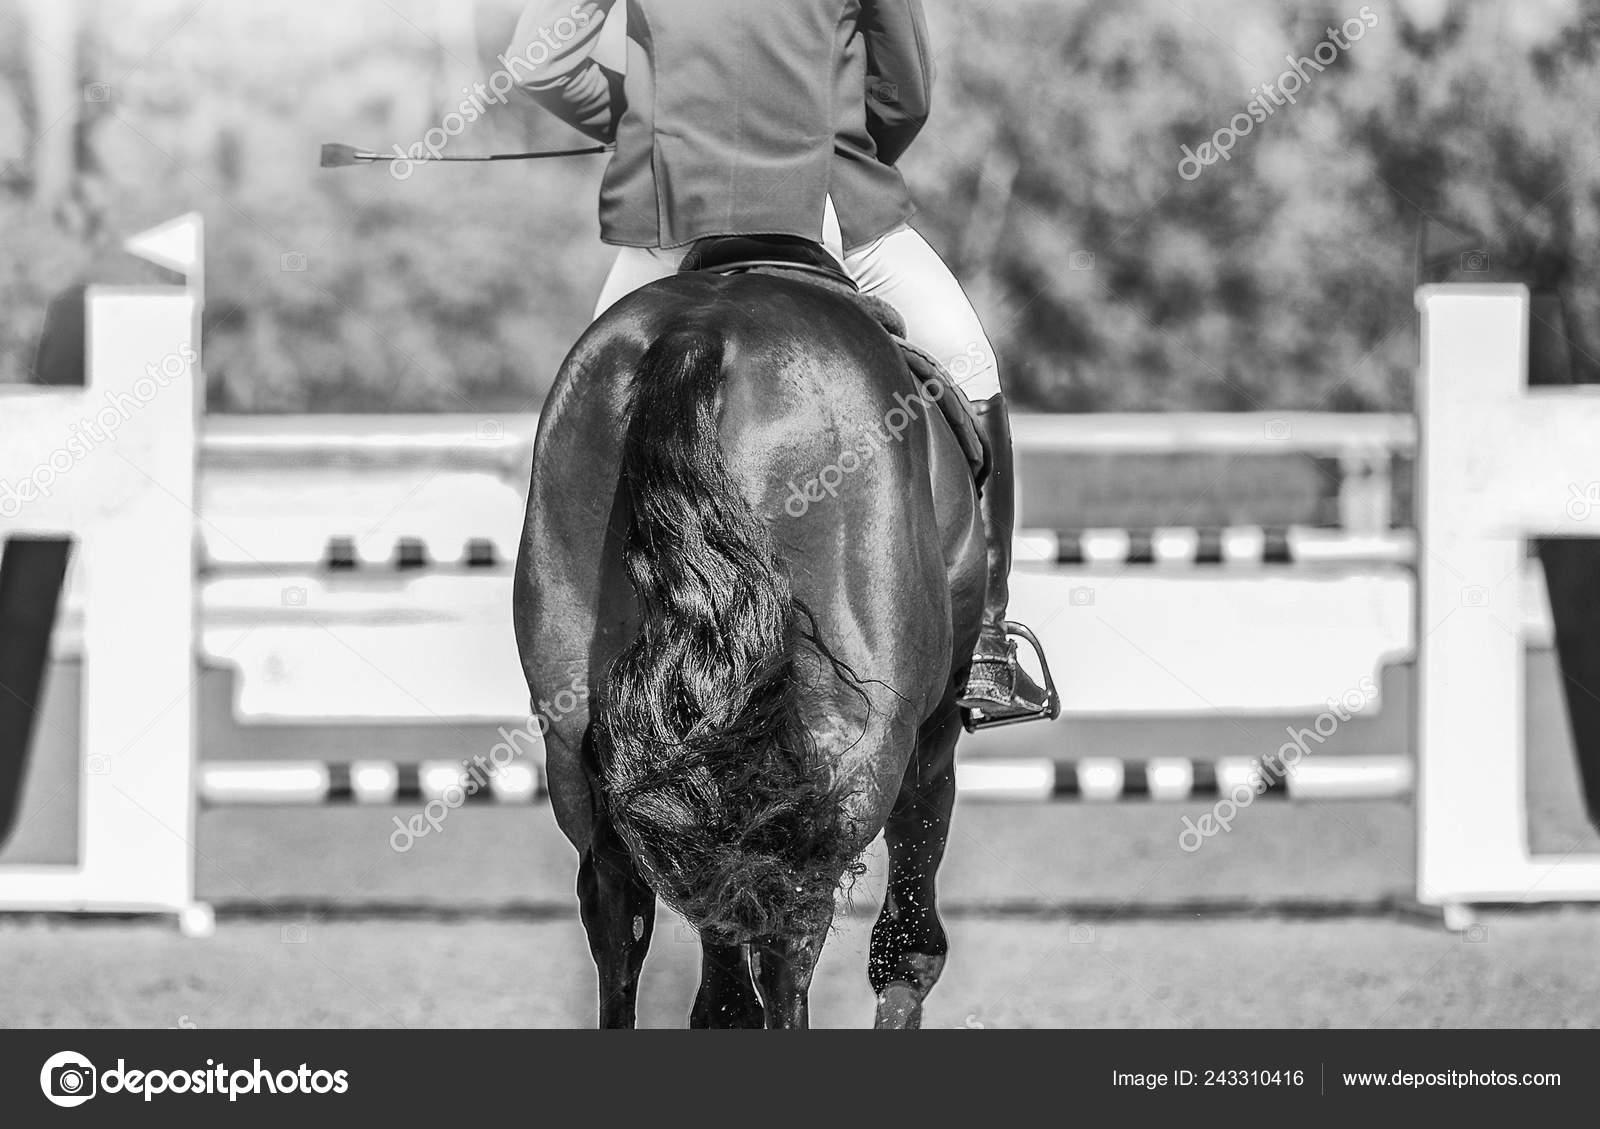 Horse Horizontal Black White Banner Website Header Poster Wallpaper Monochrome Stock Photo C Martanovak 243310416